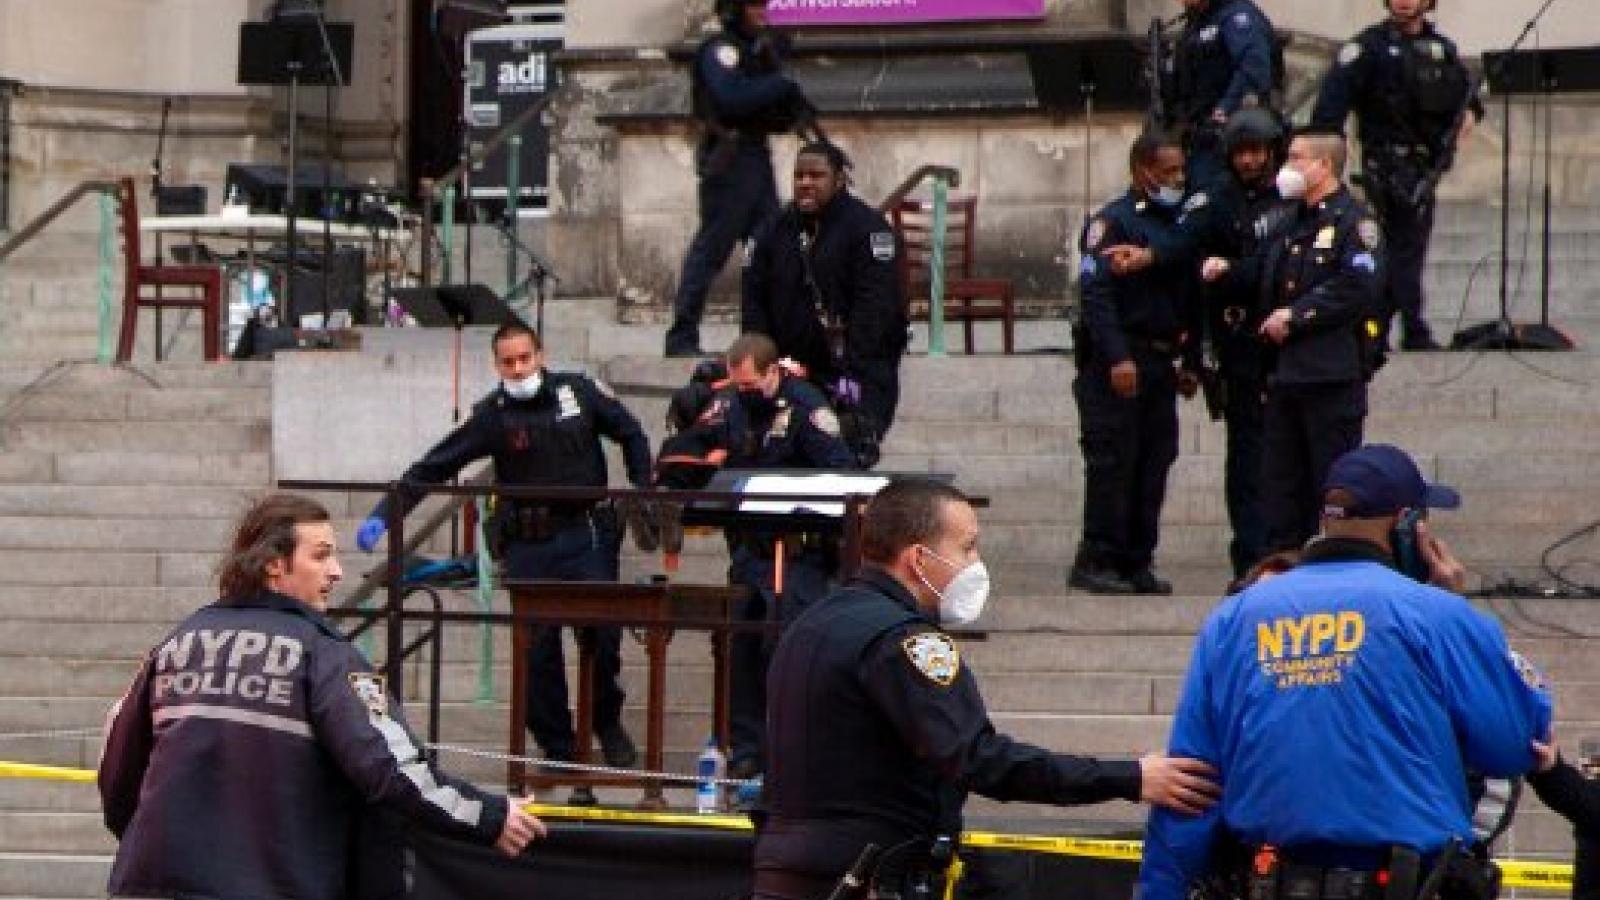 Thủ phạm vụ xả súng bên ngoài nhà thờ tại New York, Mỹ đã tử vong